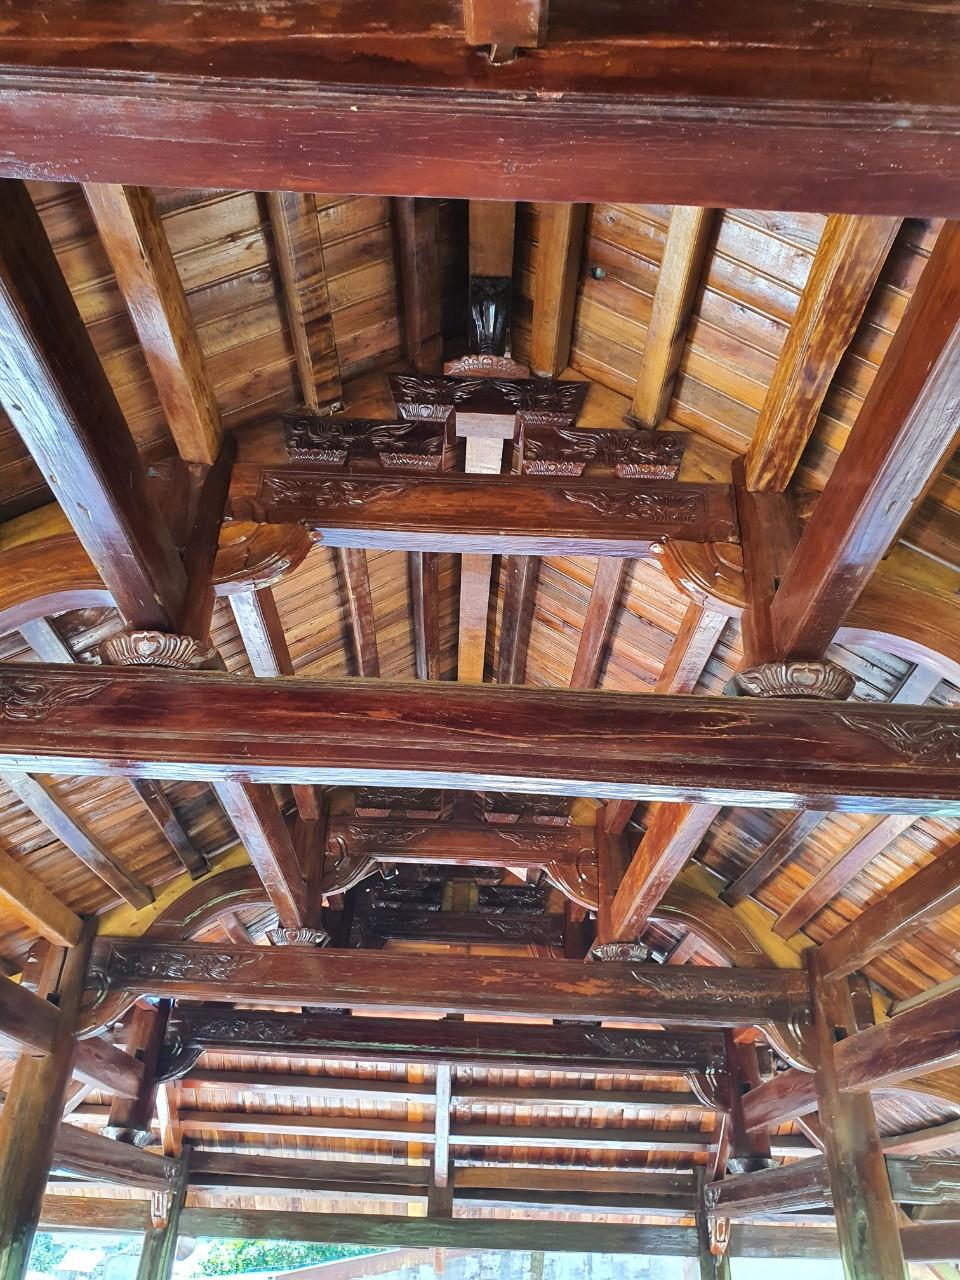 Cần Bán Căn Nhà Gỗ Táu sến.. đường kính cột 35 đến 37 - Cát Tiên Tỉnh Lâm Đồng - Ảnh 1